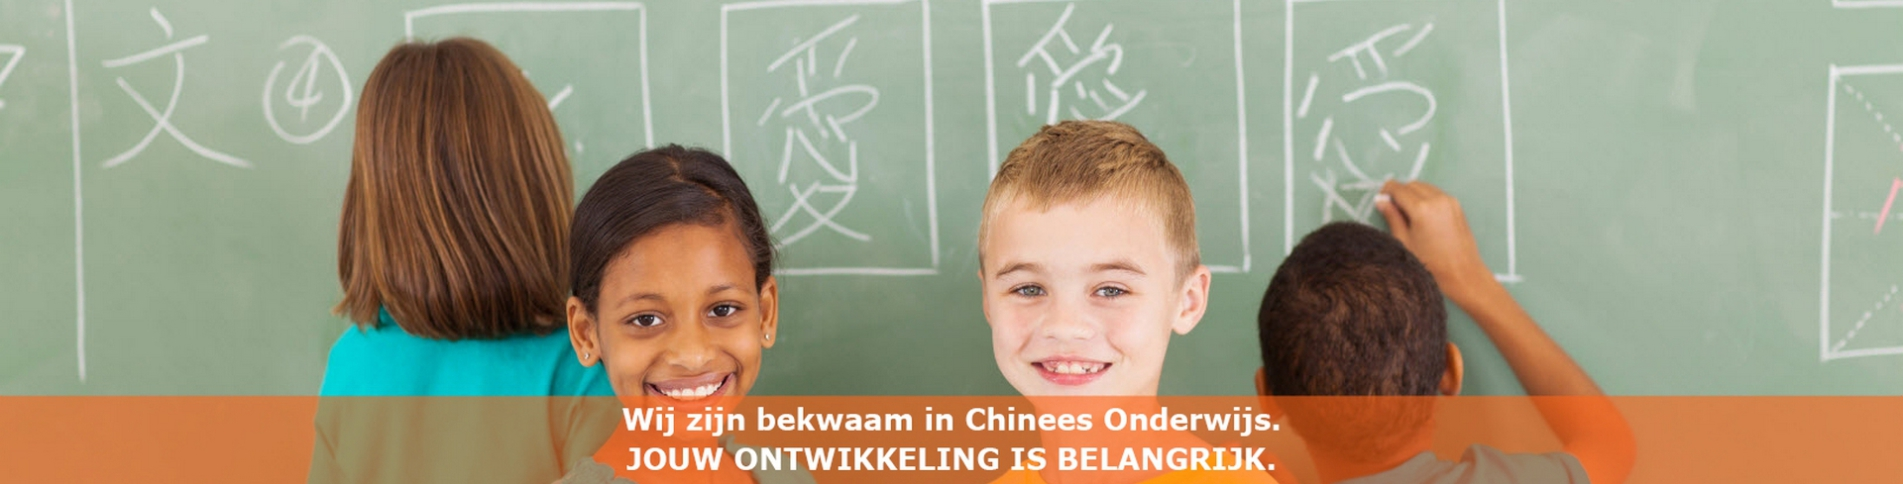 Wij zijn bekwaam in Chinees onderwijs